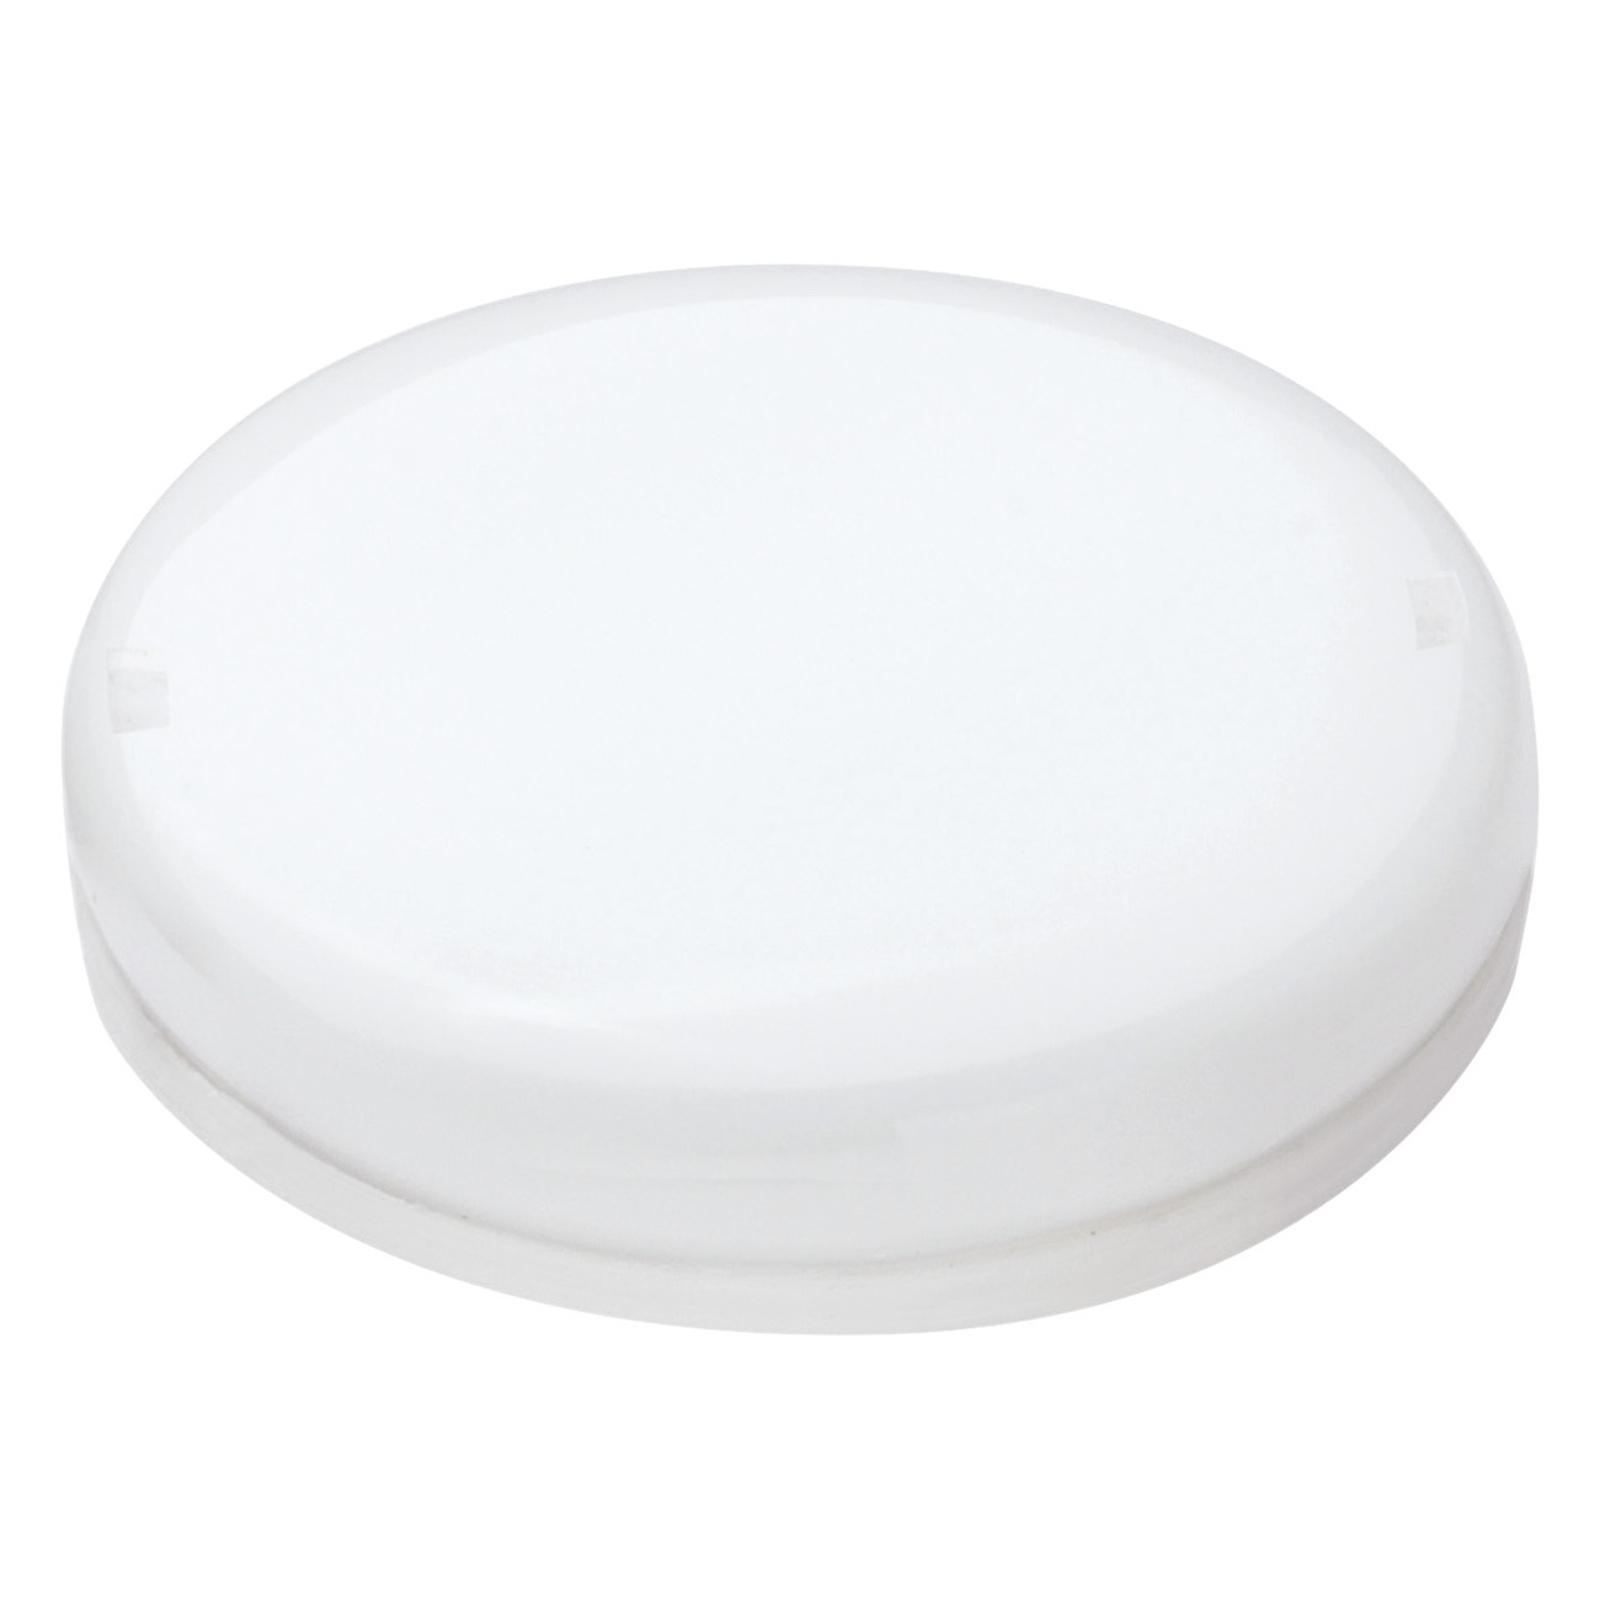 Żarówka LED GX53 6W ciepła biel